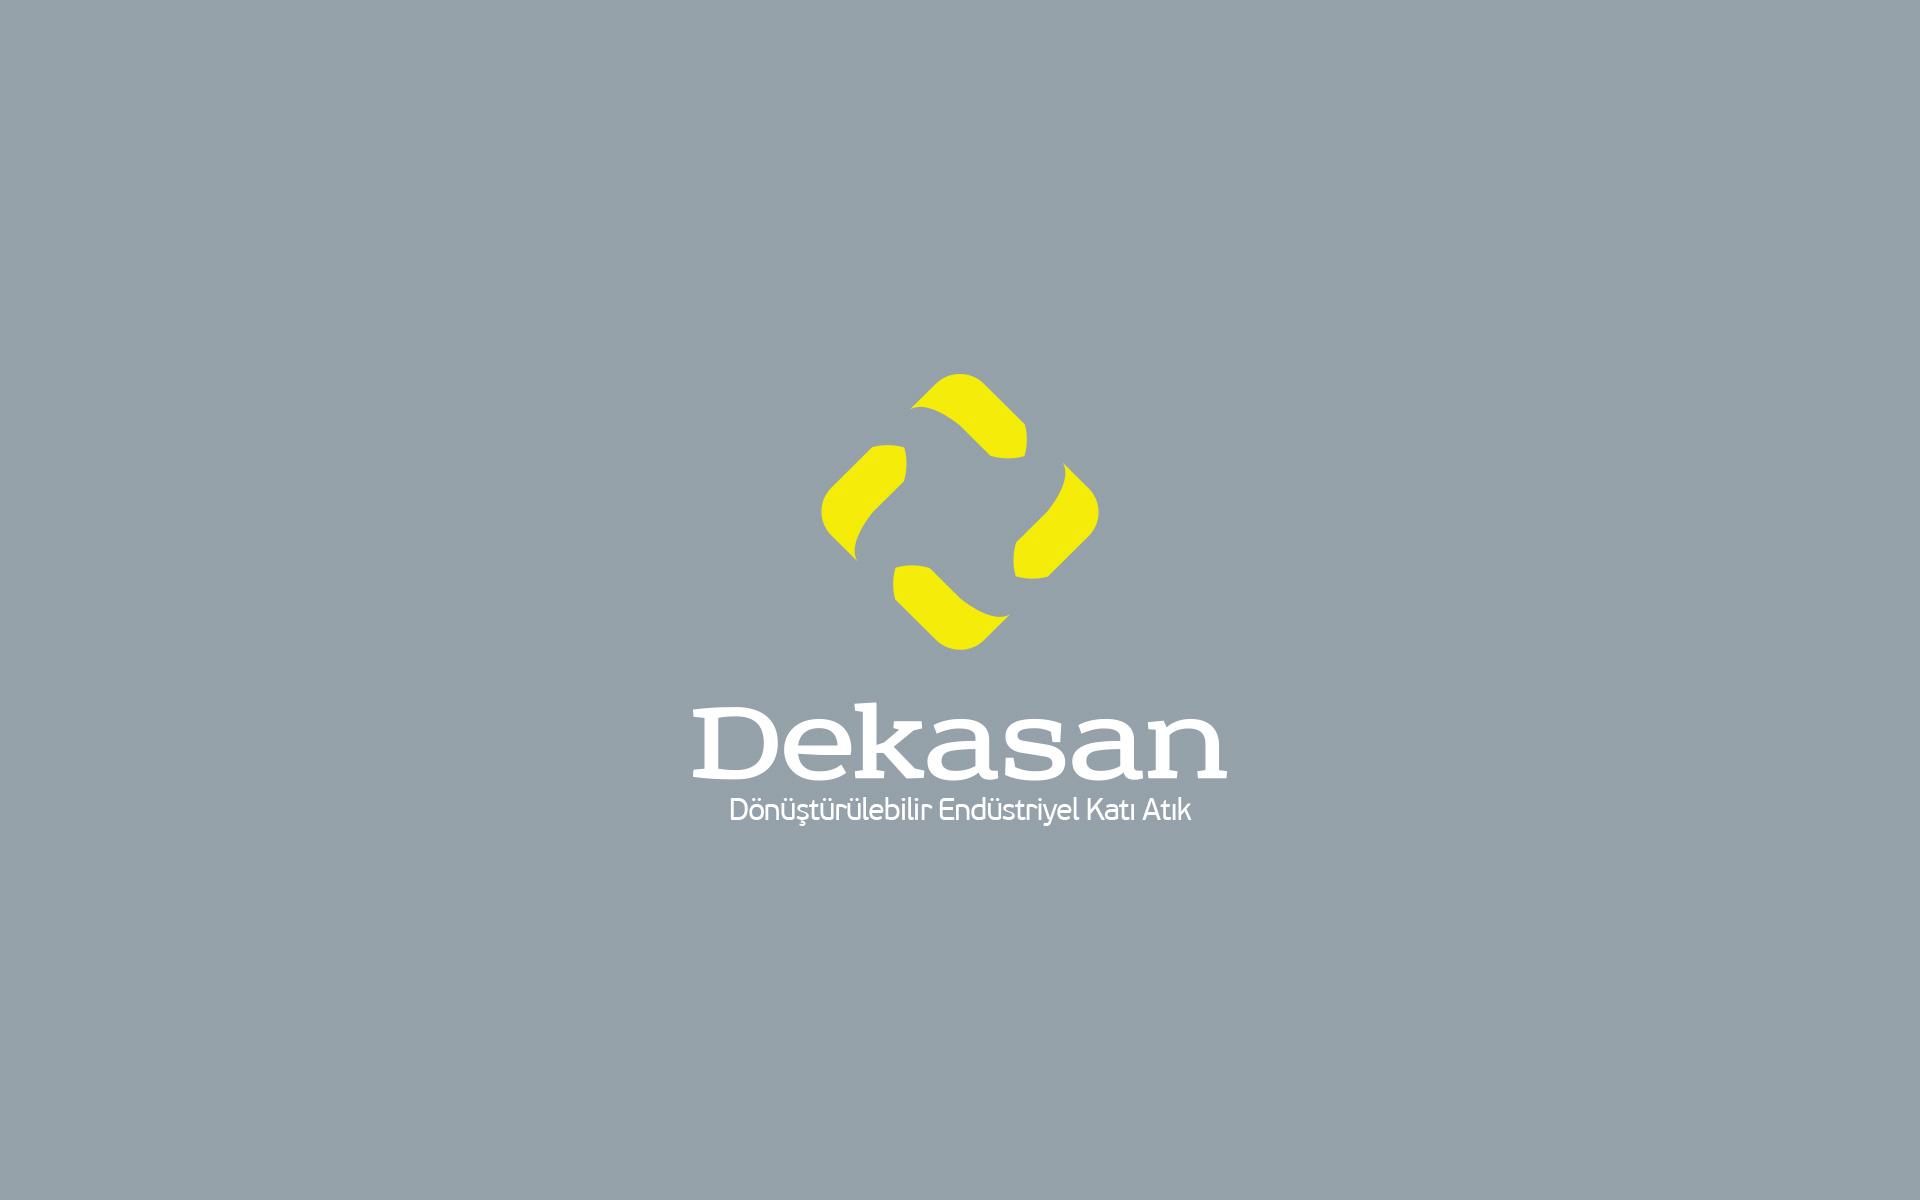 dekasan02